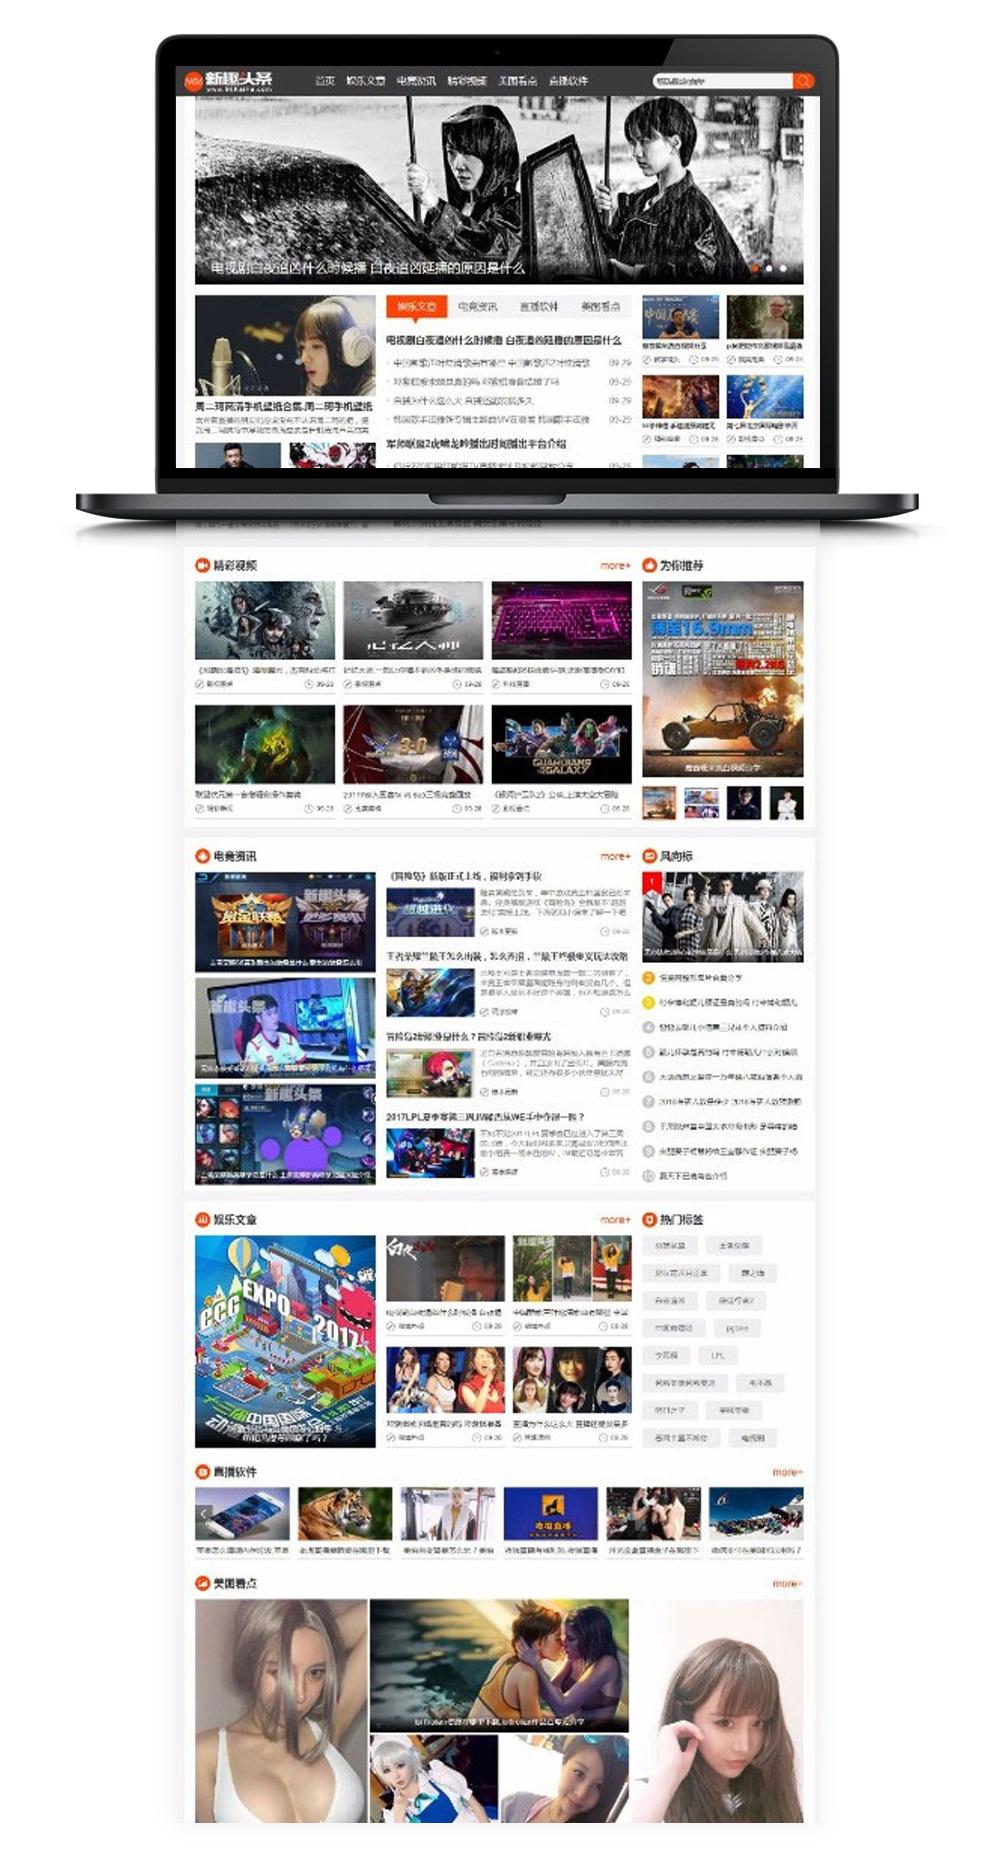 【高仿趣头条】最新娱乐游戏资讯类网站源码[帝国cms内核]-蓝汇源码